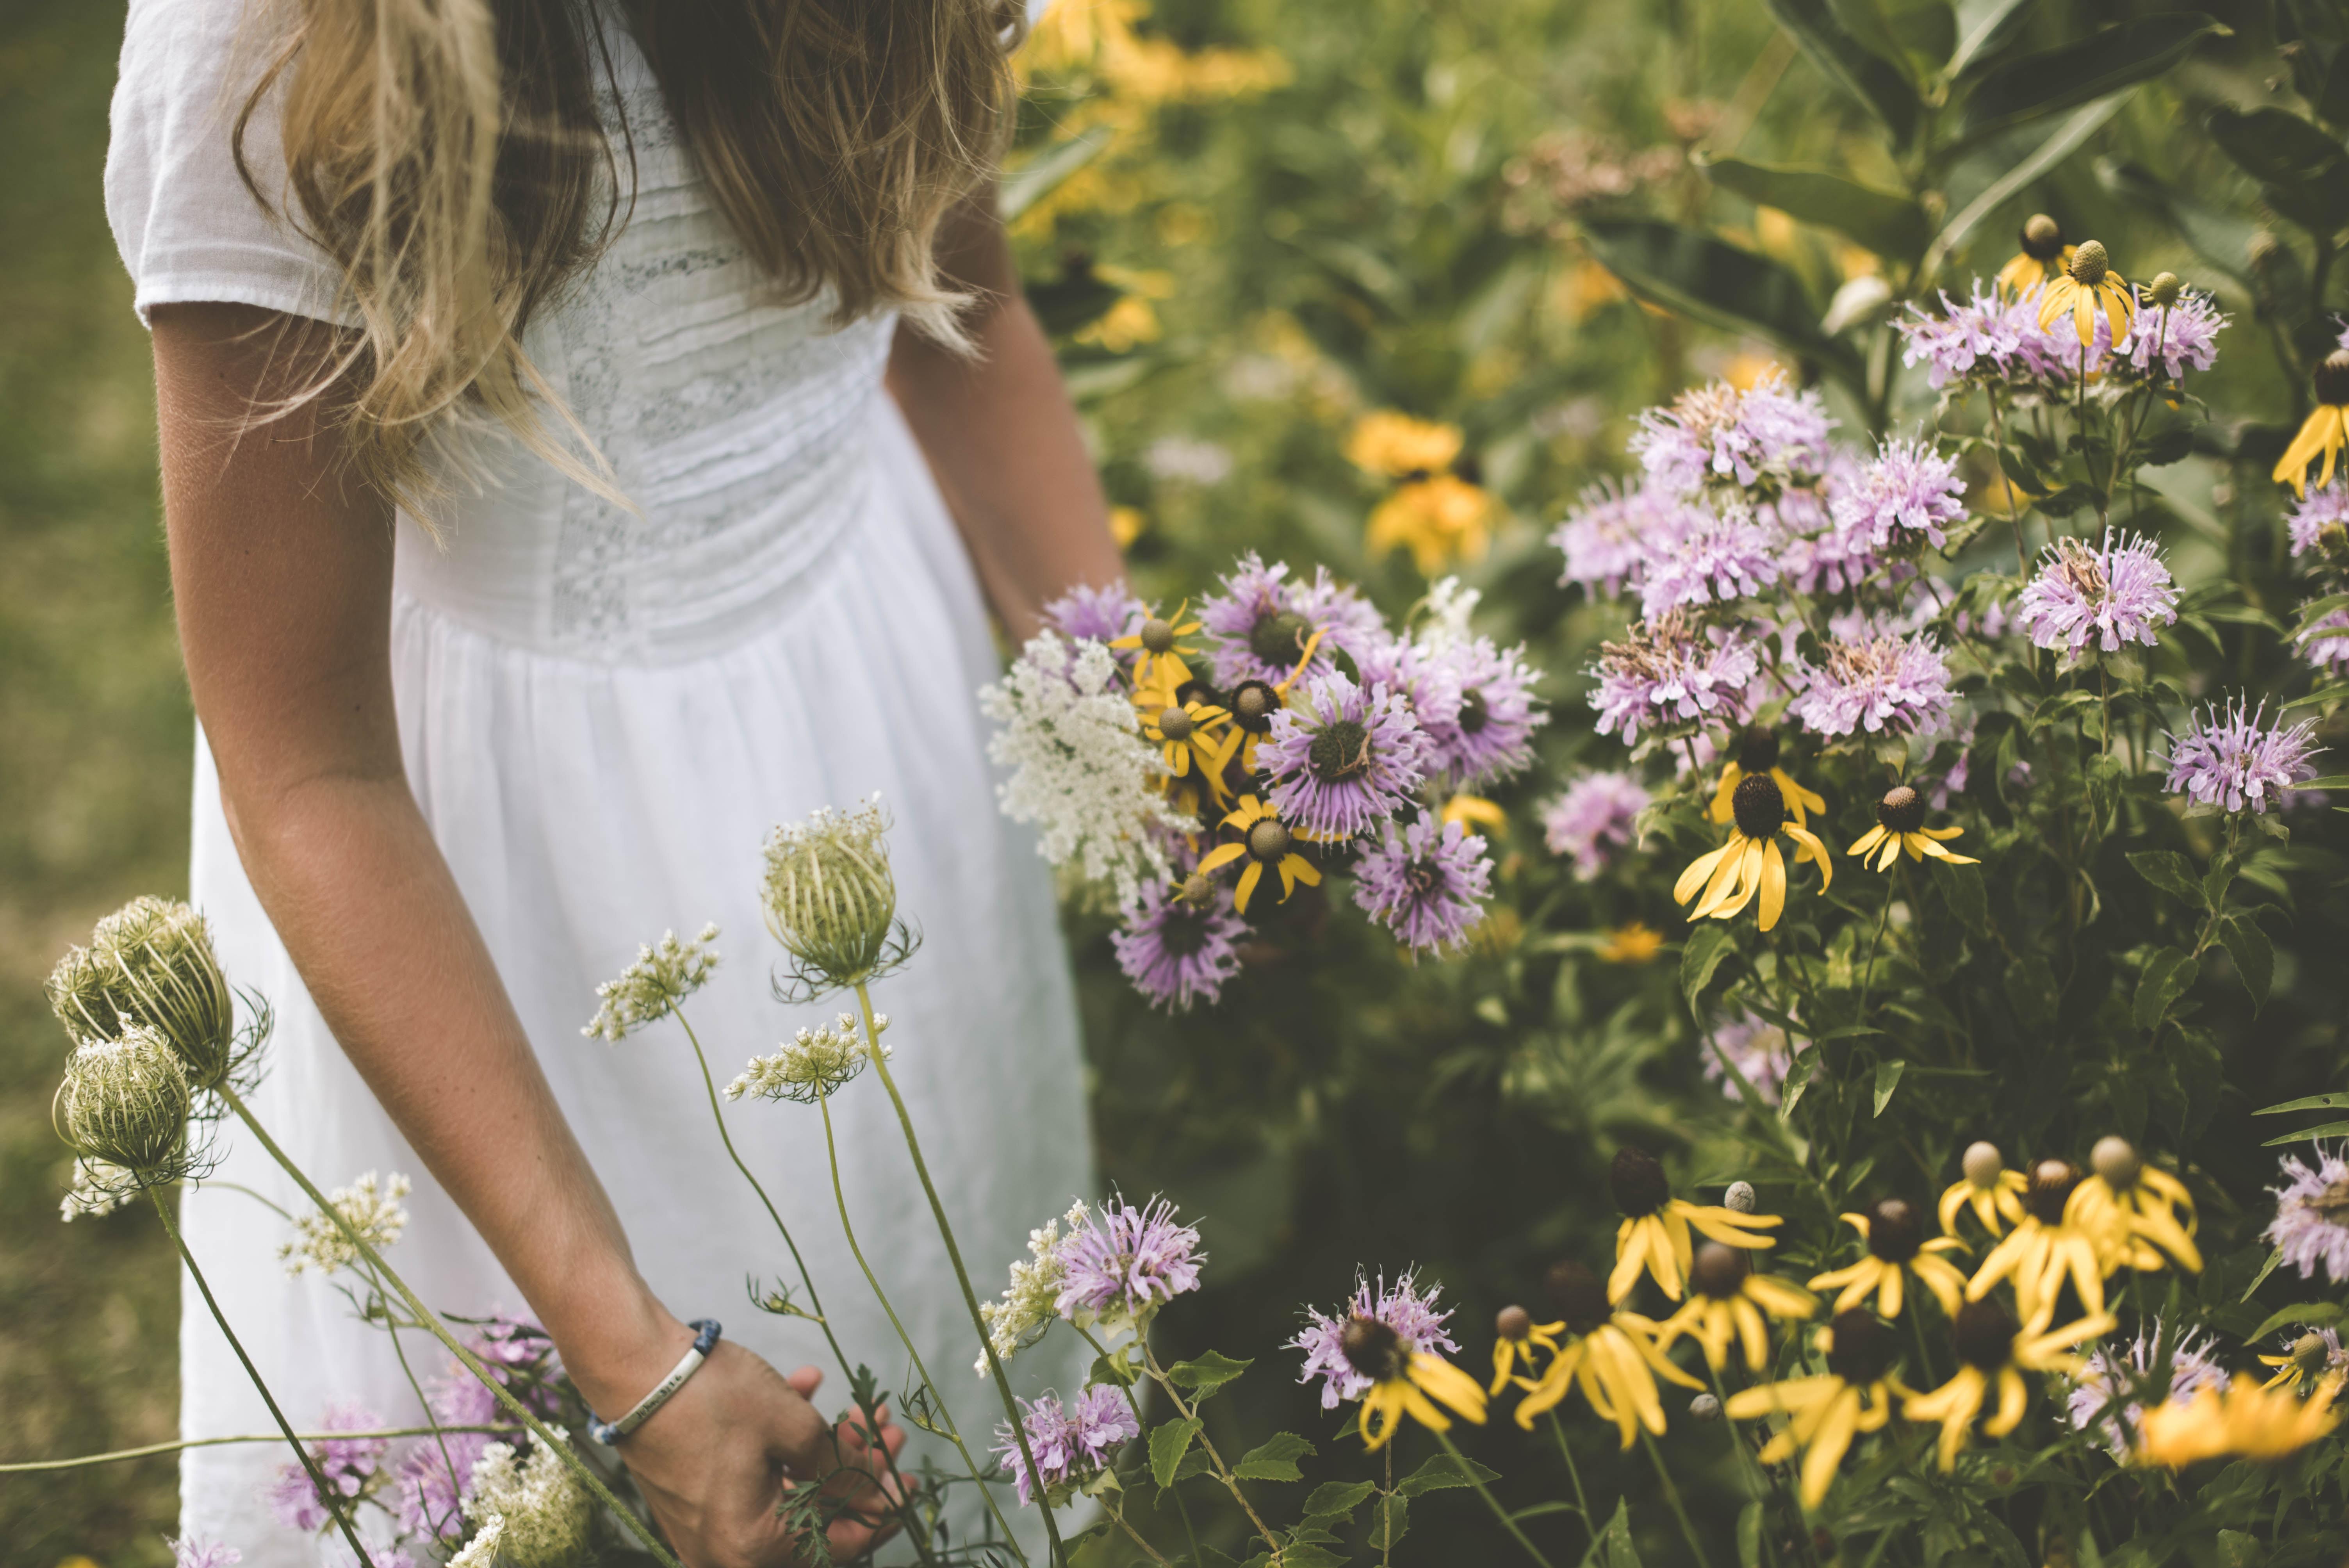 Images Gratuites Herbe Fille Prairie Fleur Violet T Printemps Jaune Jardin Mariage